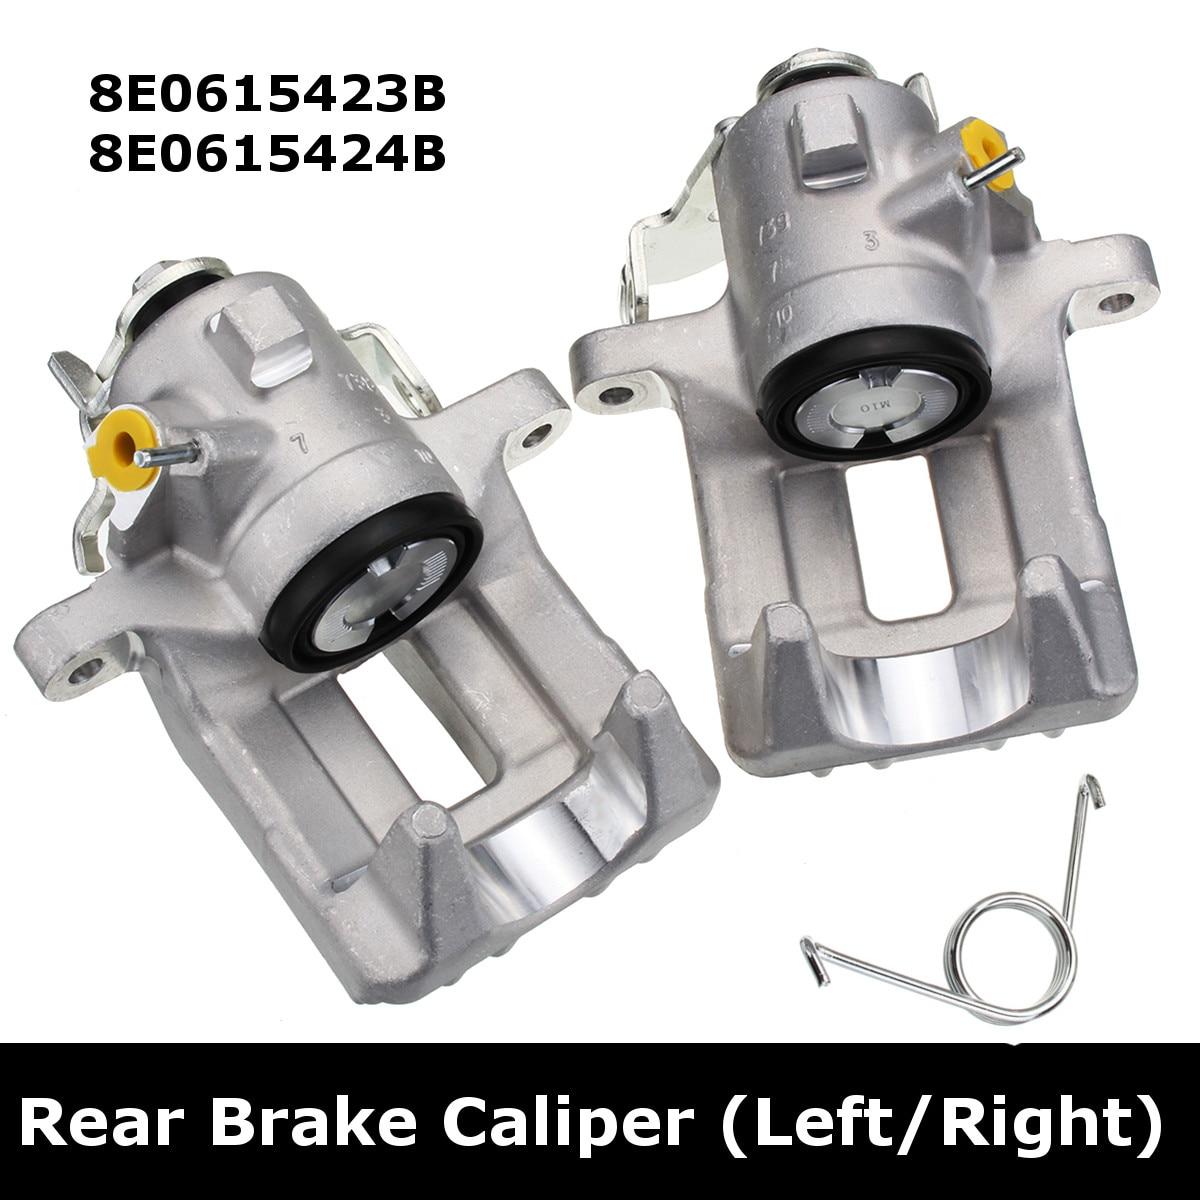 Étrier de frein arrière gauche/droite 8E0615423B 8E0615424B pour VW Passat 3B5 pour Audi A4 A6